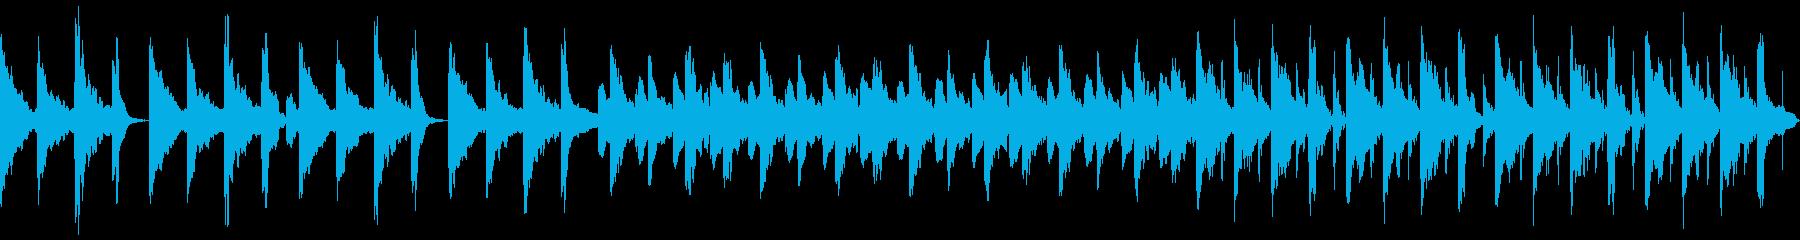 3拍子 シンプル 日常の再生済みの波形